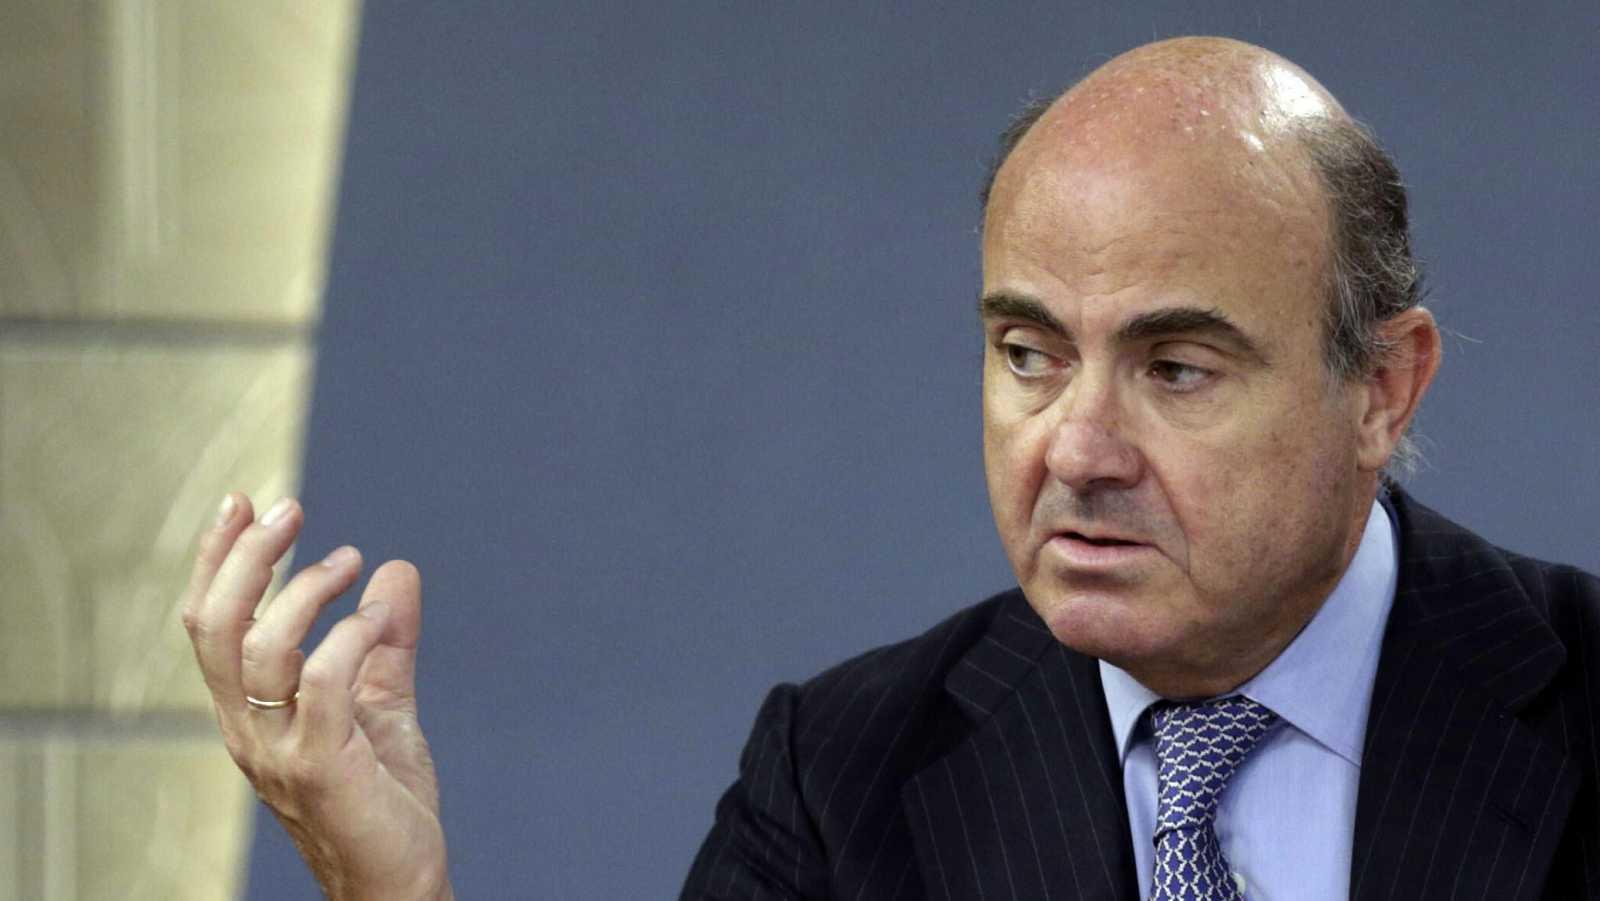 El ministro de Economía entiende la indignación de los ciudadanos